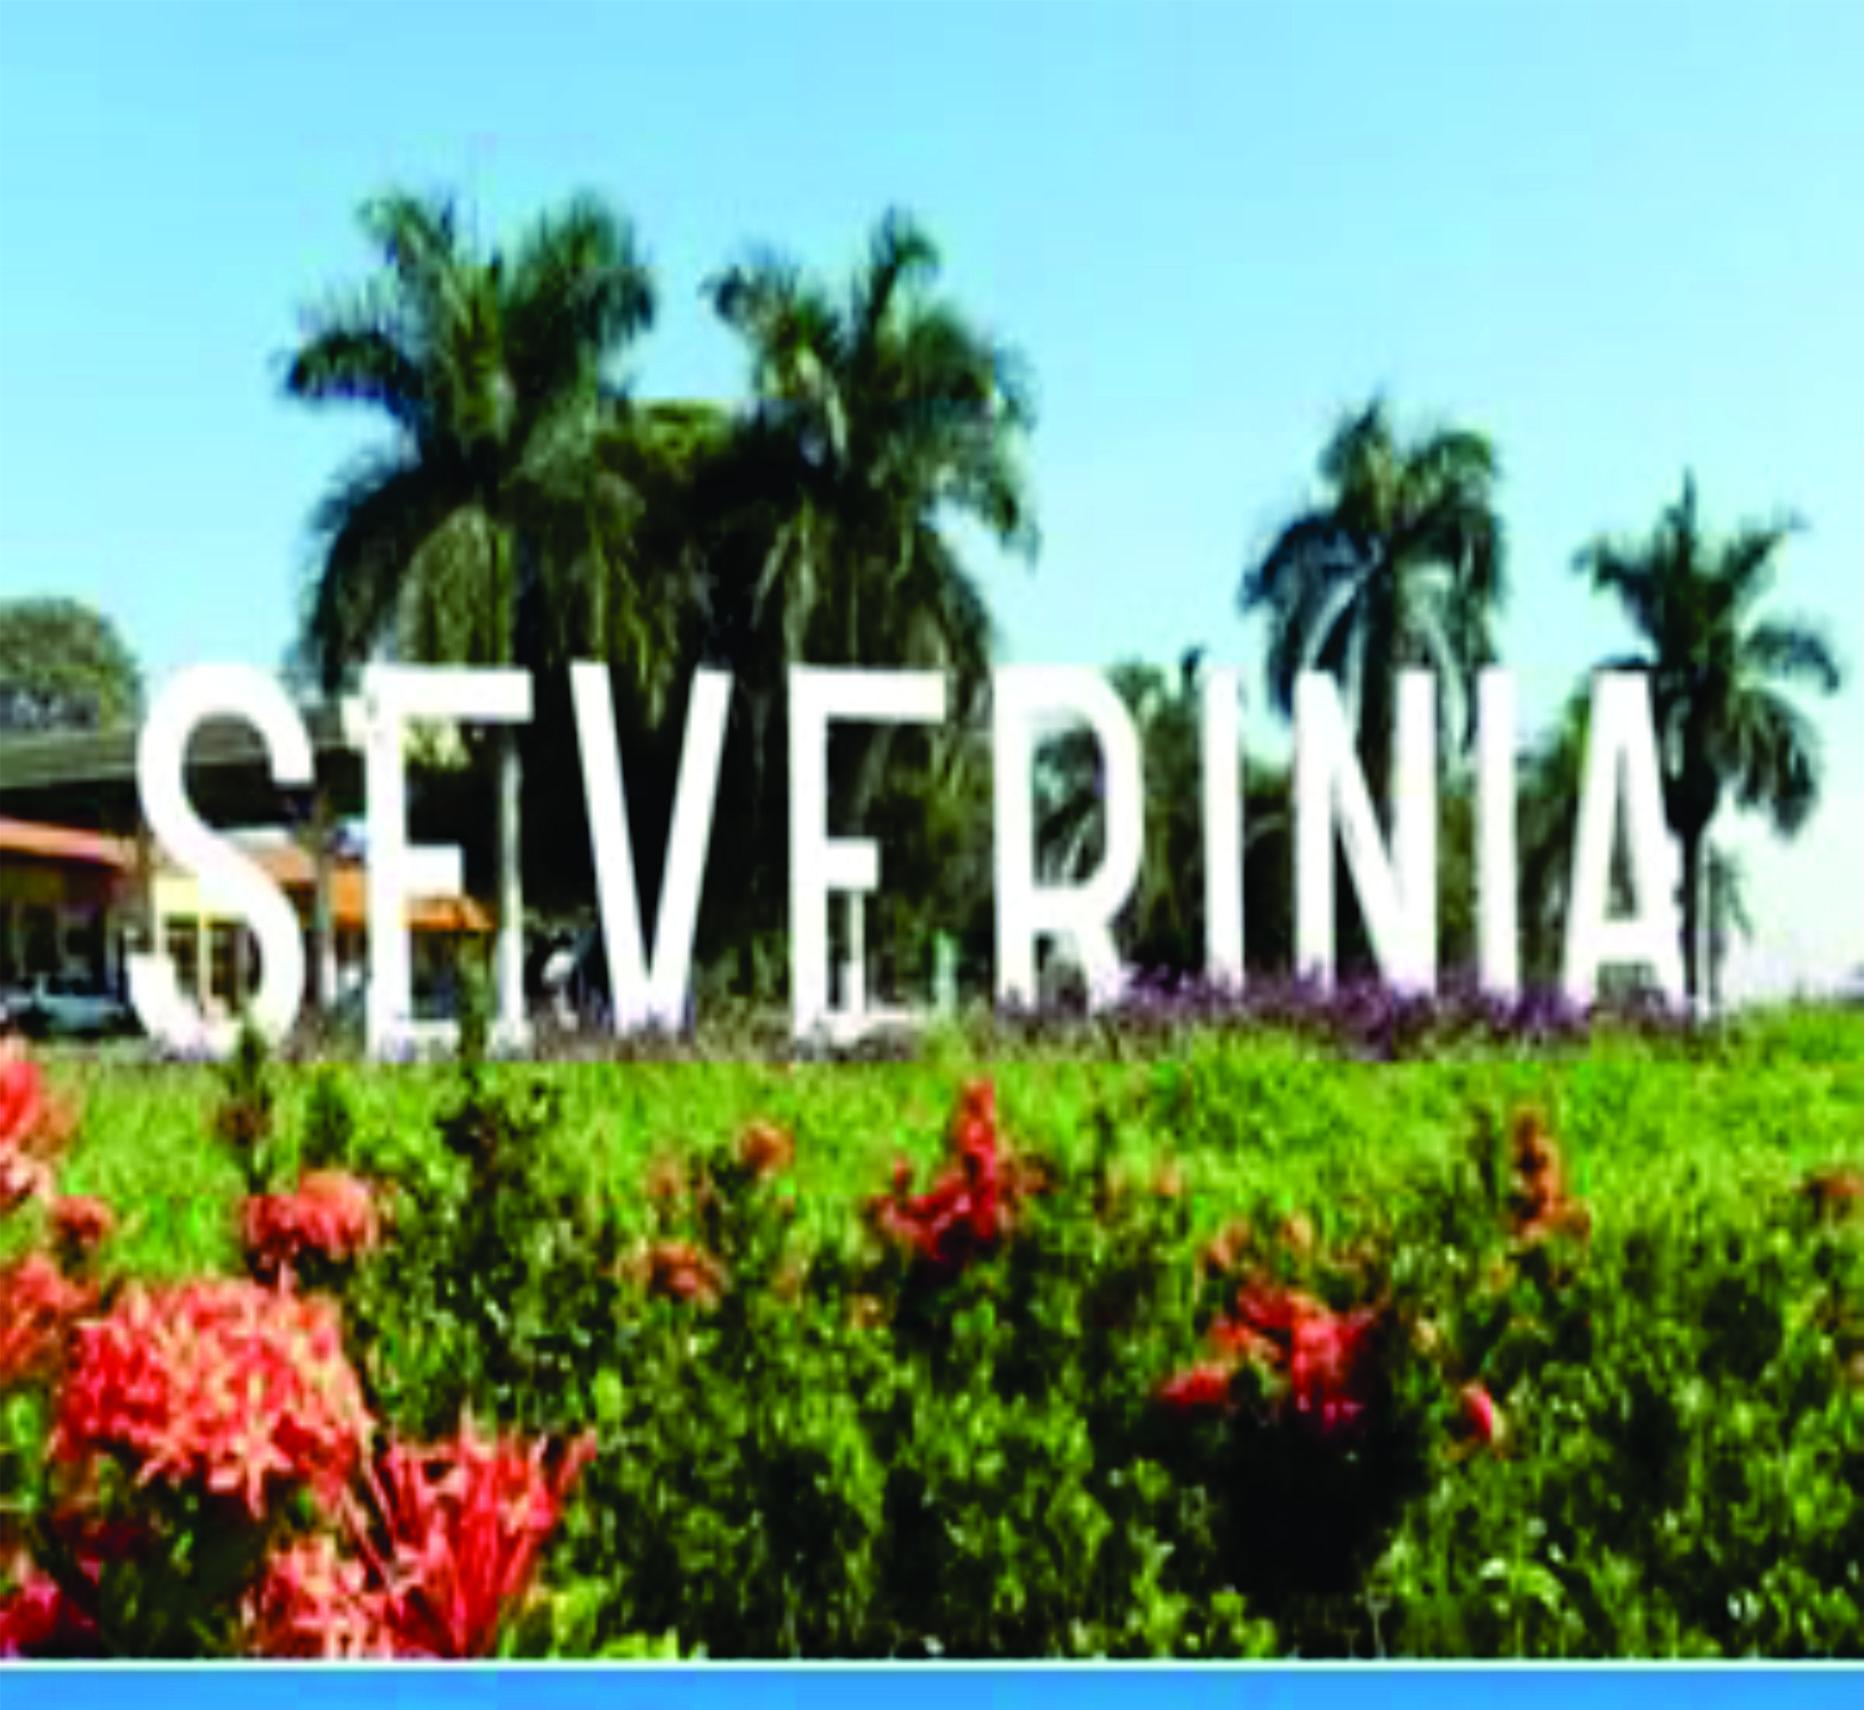 SEVERINIA